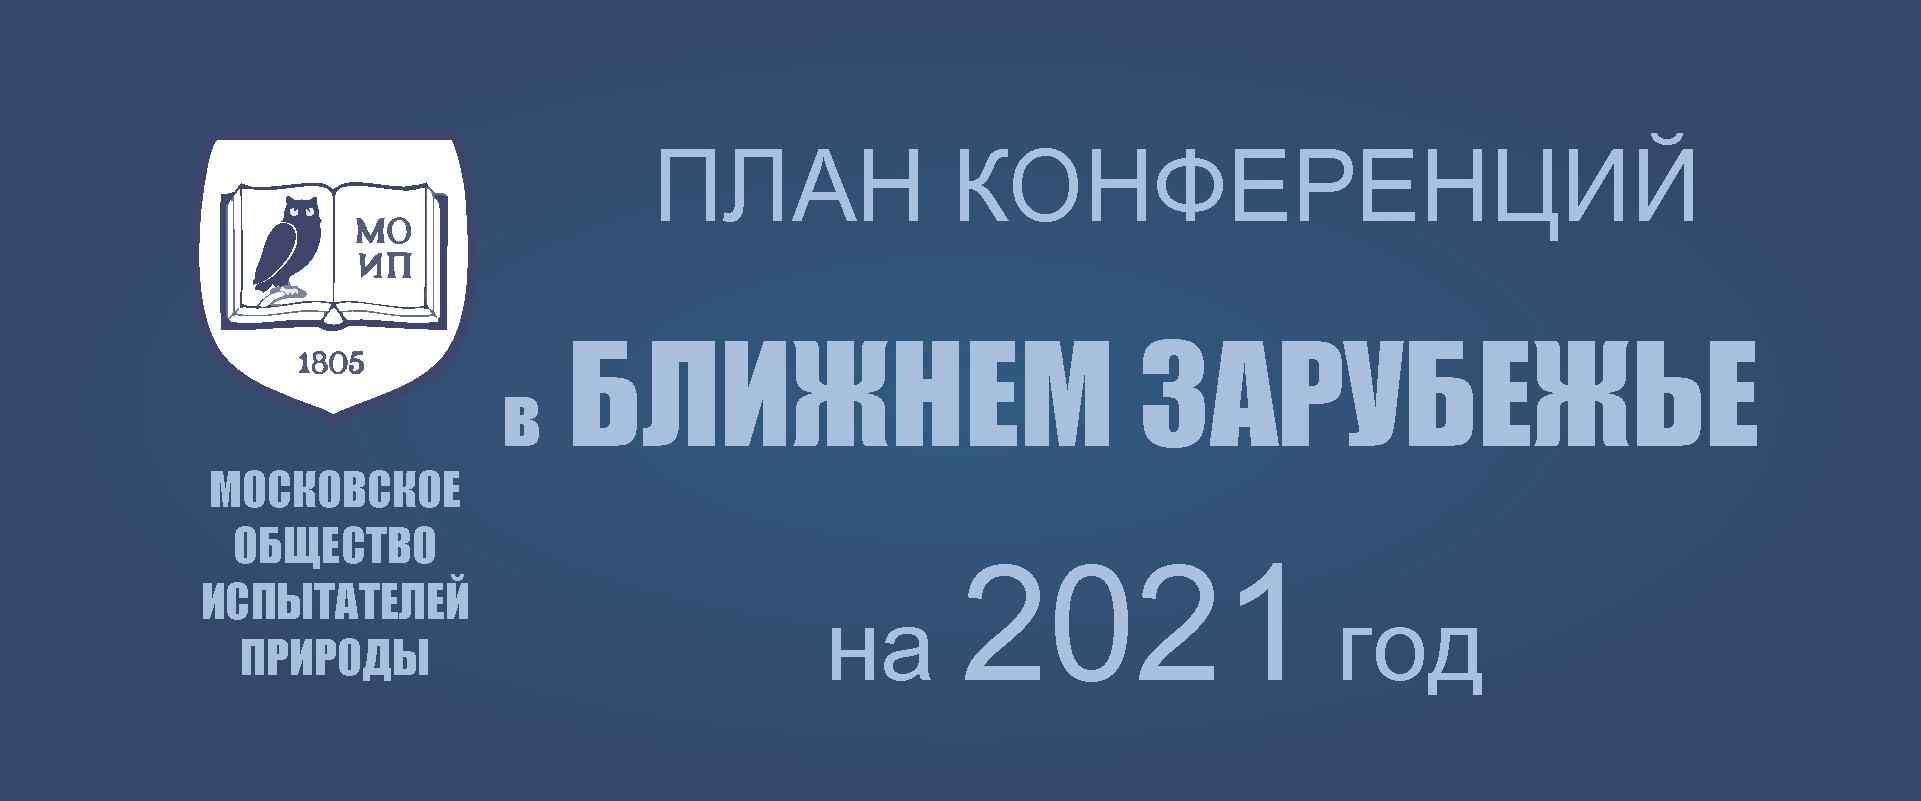 ПРЕДСТОЯЩИЕ КОНФЕРЕНЦИИ В БЛИЖНЕМ ЗАРУБЕЖЬЕ 2021 ГОД